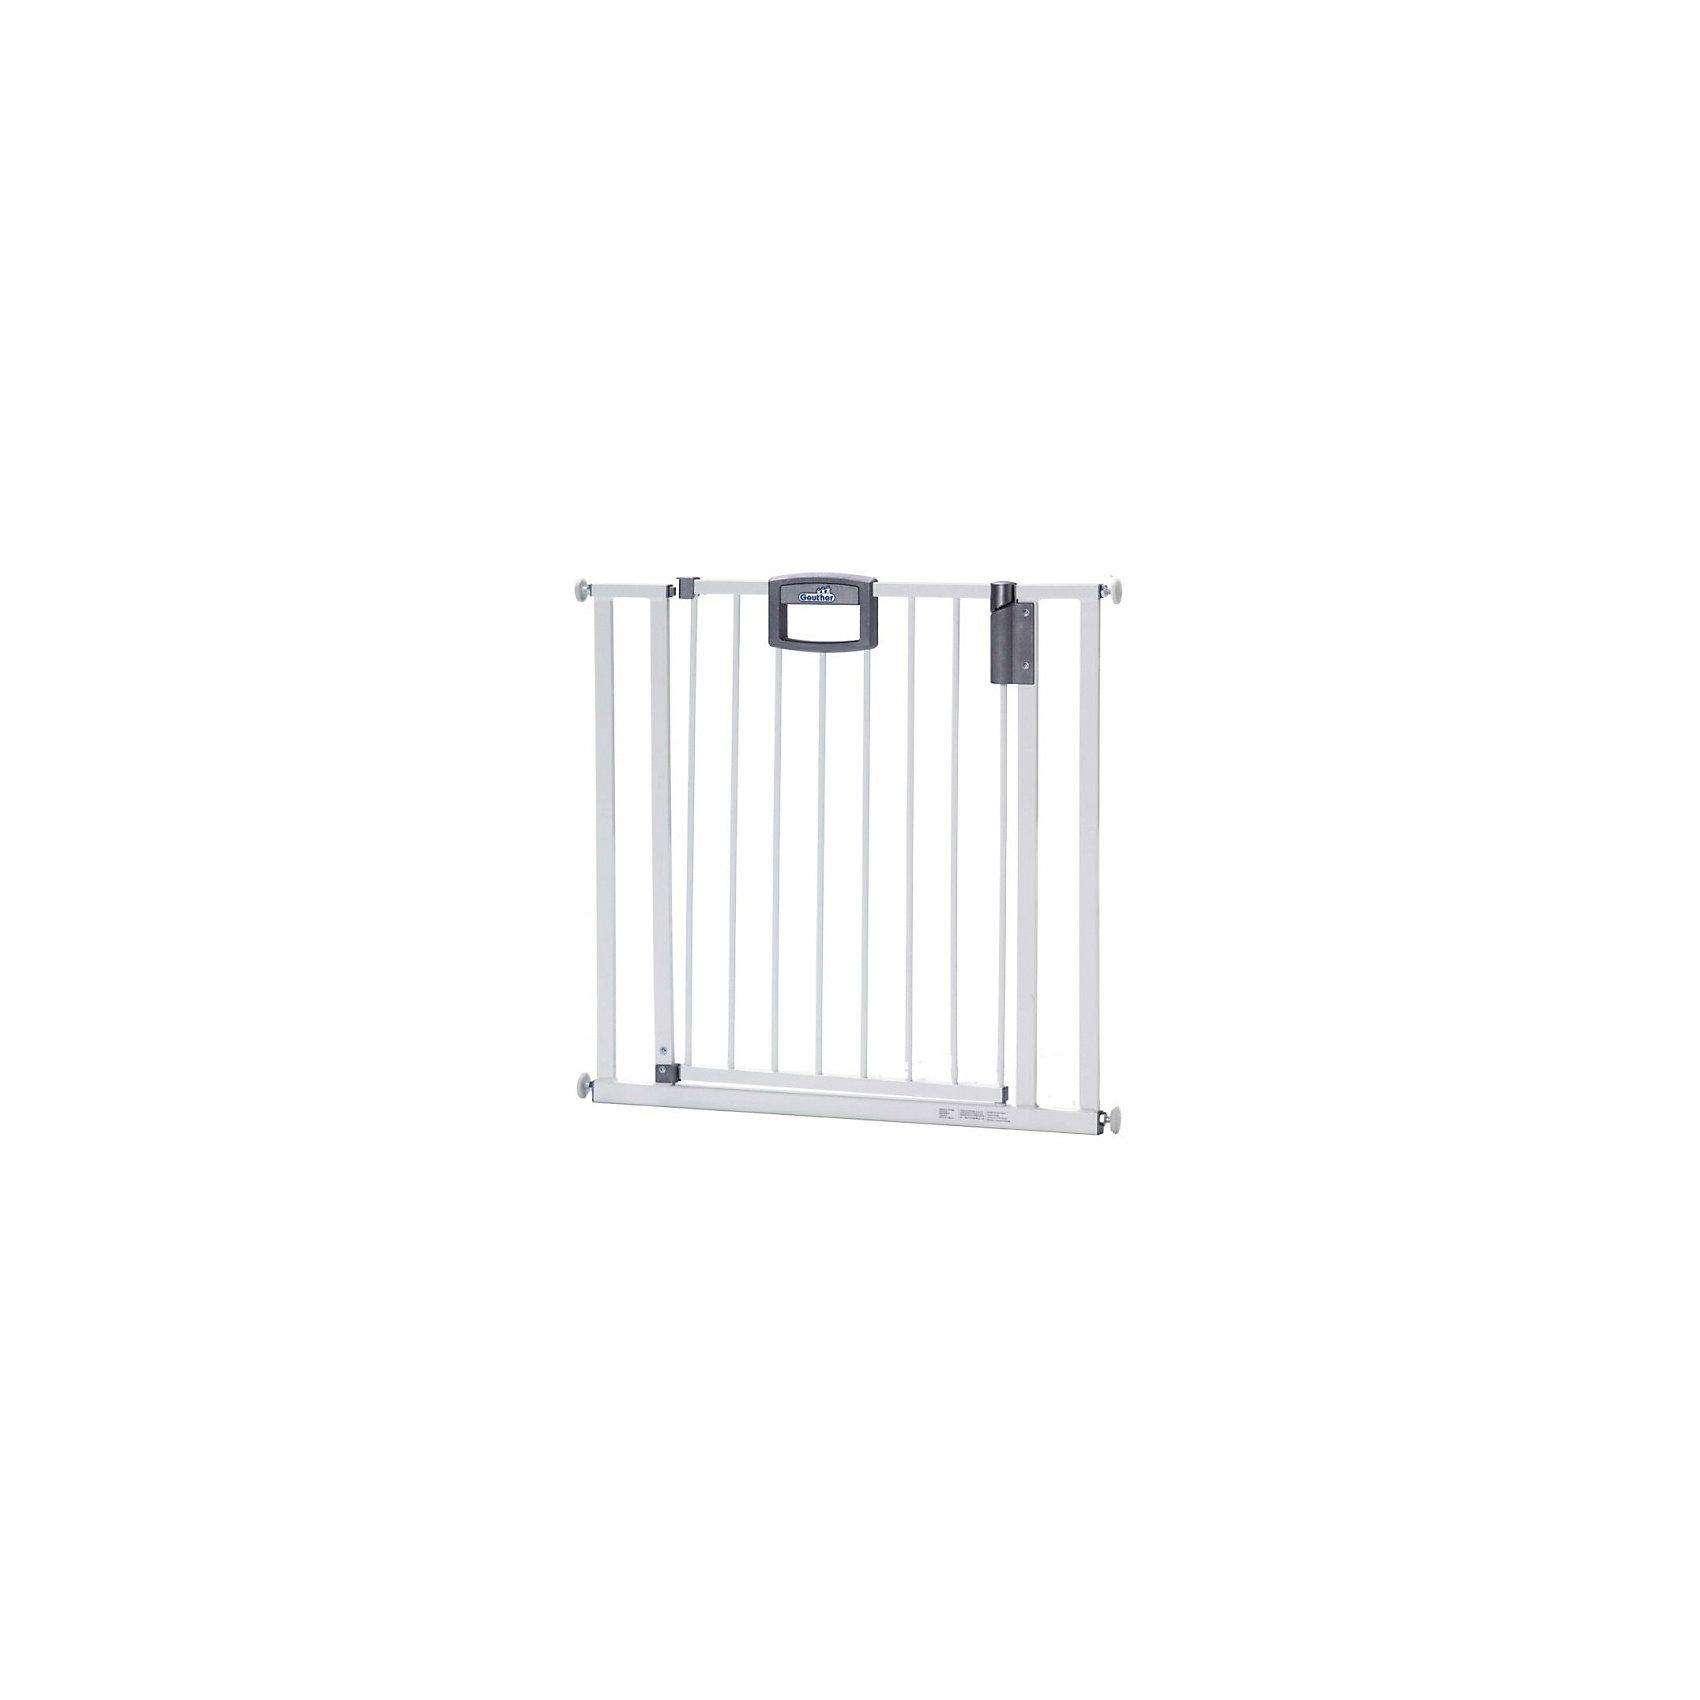 Барьеры-ворота Geuther Easy Lock 4782Блокирующие и защитные устройства для дома<br><br><br>Ширина мм: 820<br>Глубина мм: 860<br>Высота мм: 800<br>Вес г: 7000<br>Возраст от месяцев: 6<br>Возраст до месяцев: 36<br>Пол: Унисекс<br>Возраст: Детский<br>SKU: 2717860